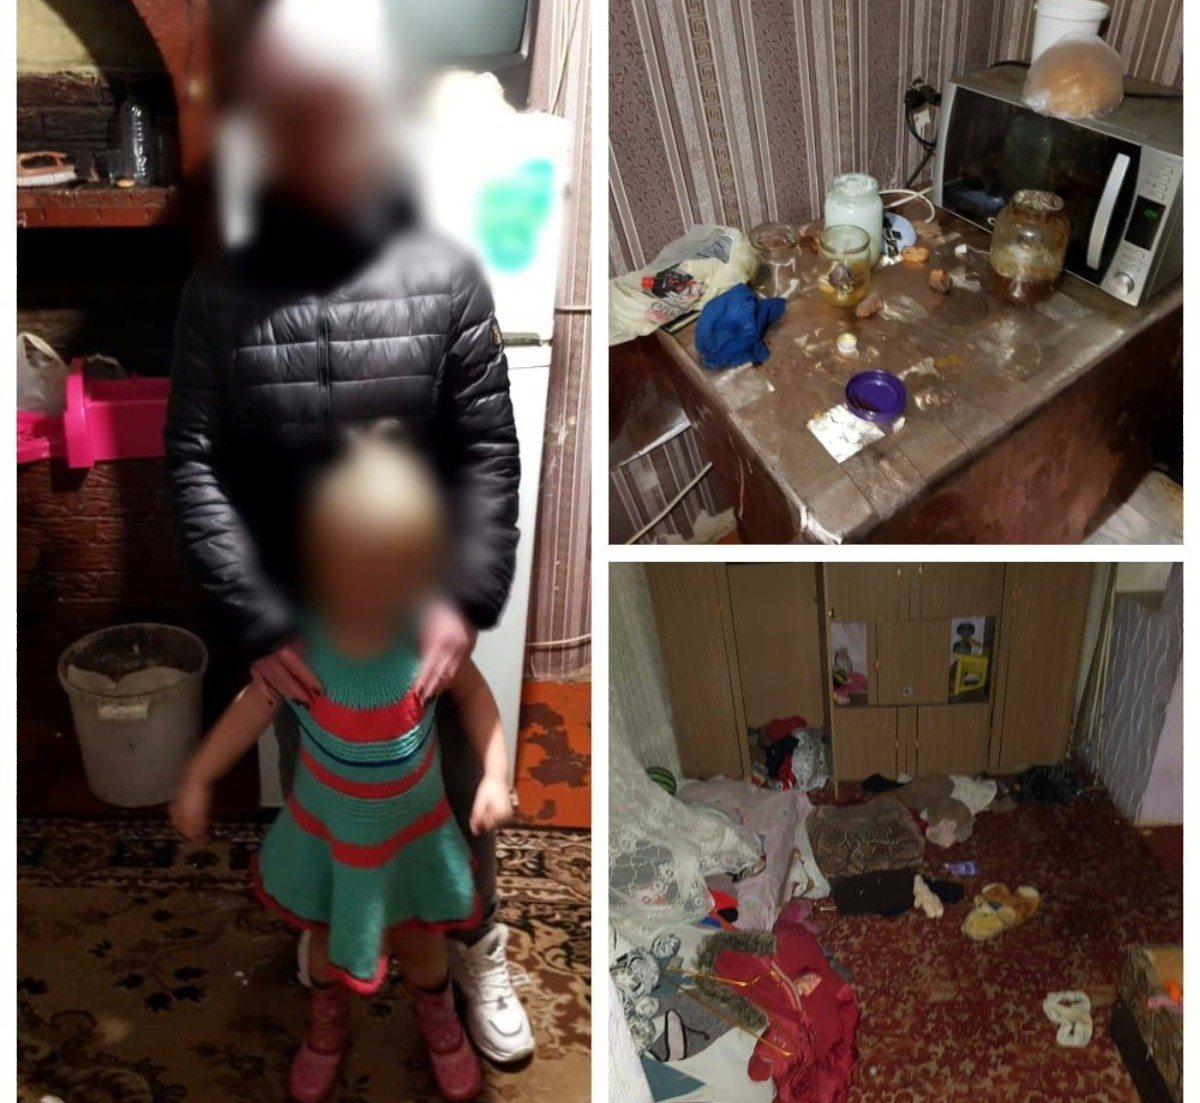 В пригороде Херсона наркозависимая женщина оставила 3-летнюю дочку на деда